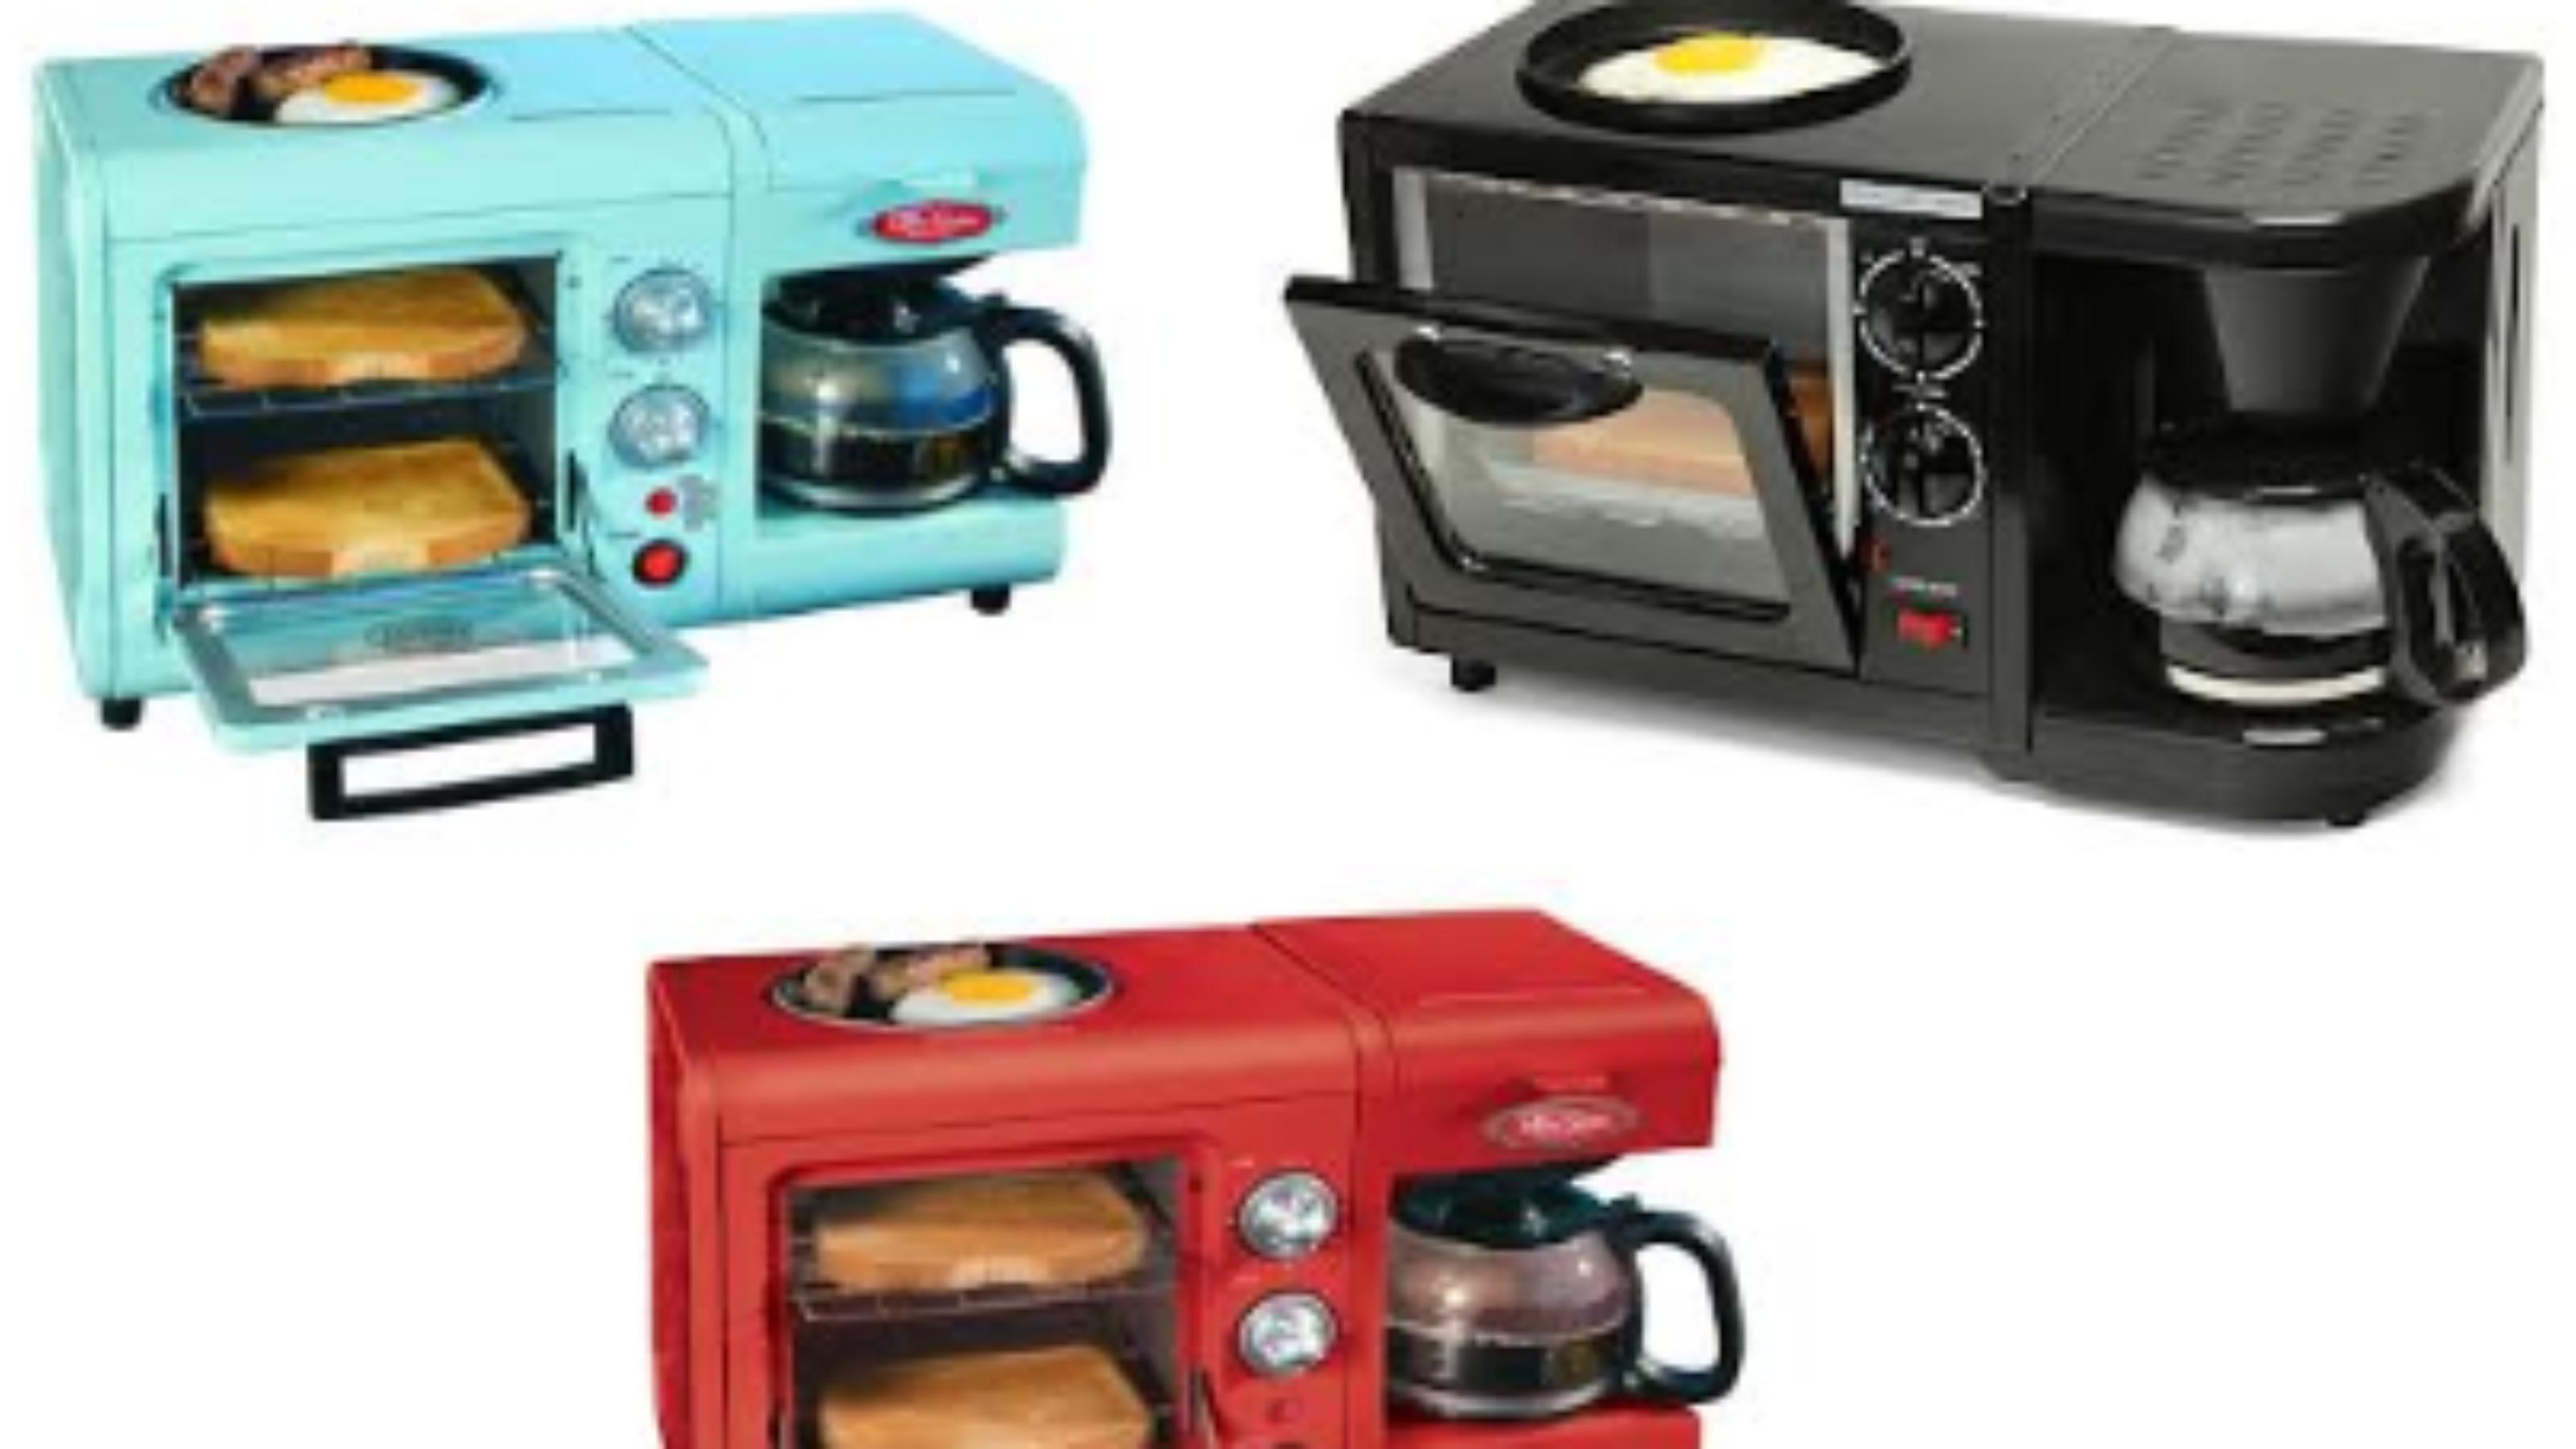 Dorm Room Cooking Equipment